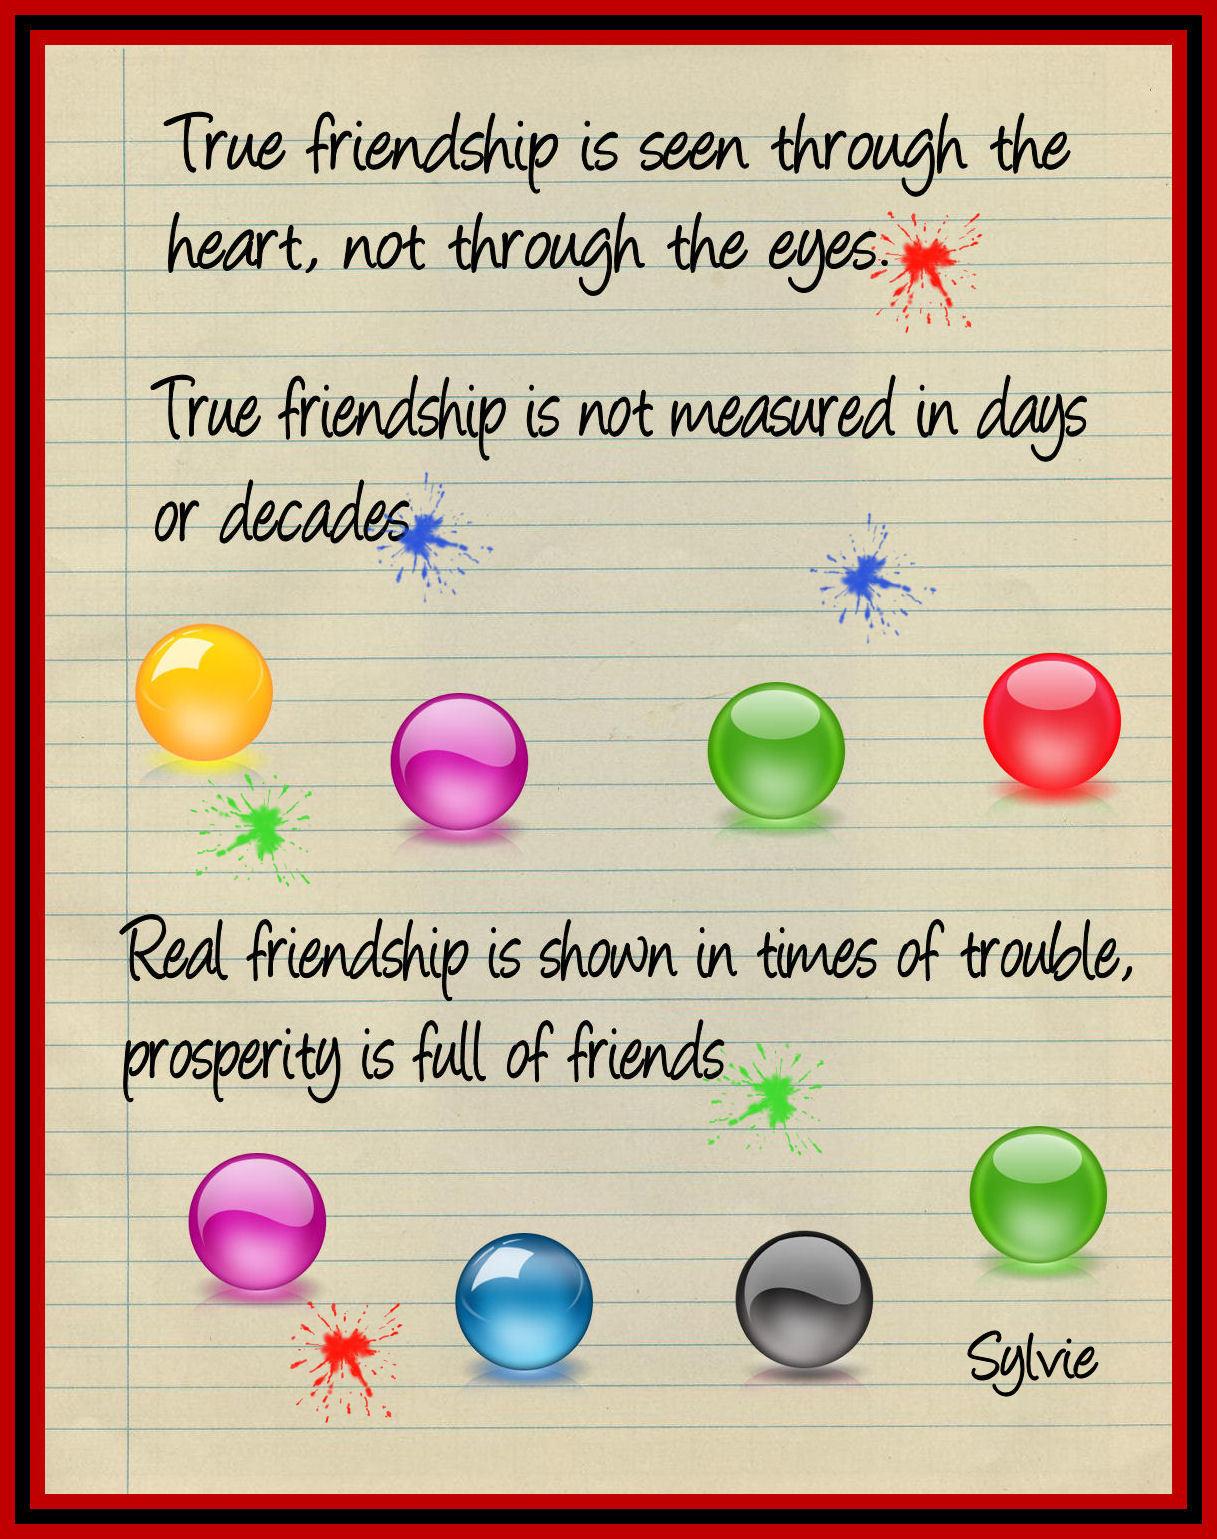 Friendship quote #1